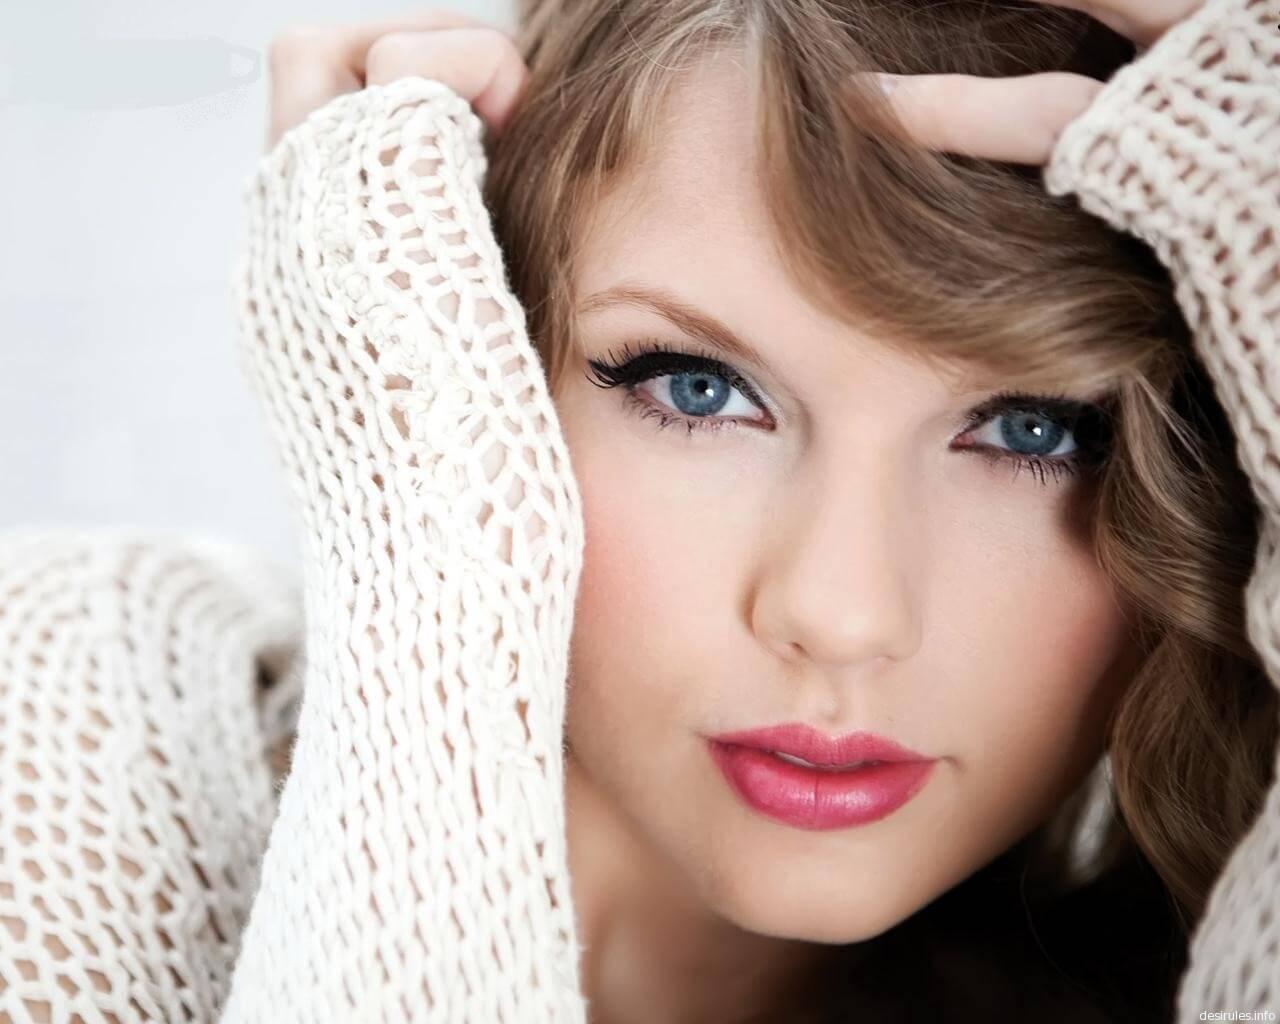 Bạn có muốn sở hữu đôi môi trái tim quyến rũ như Taylor Swift